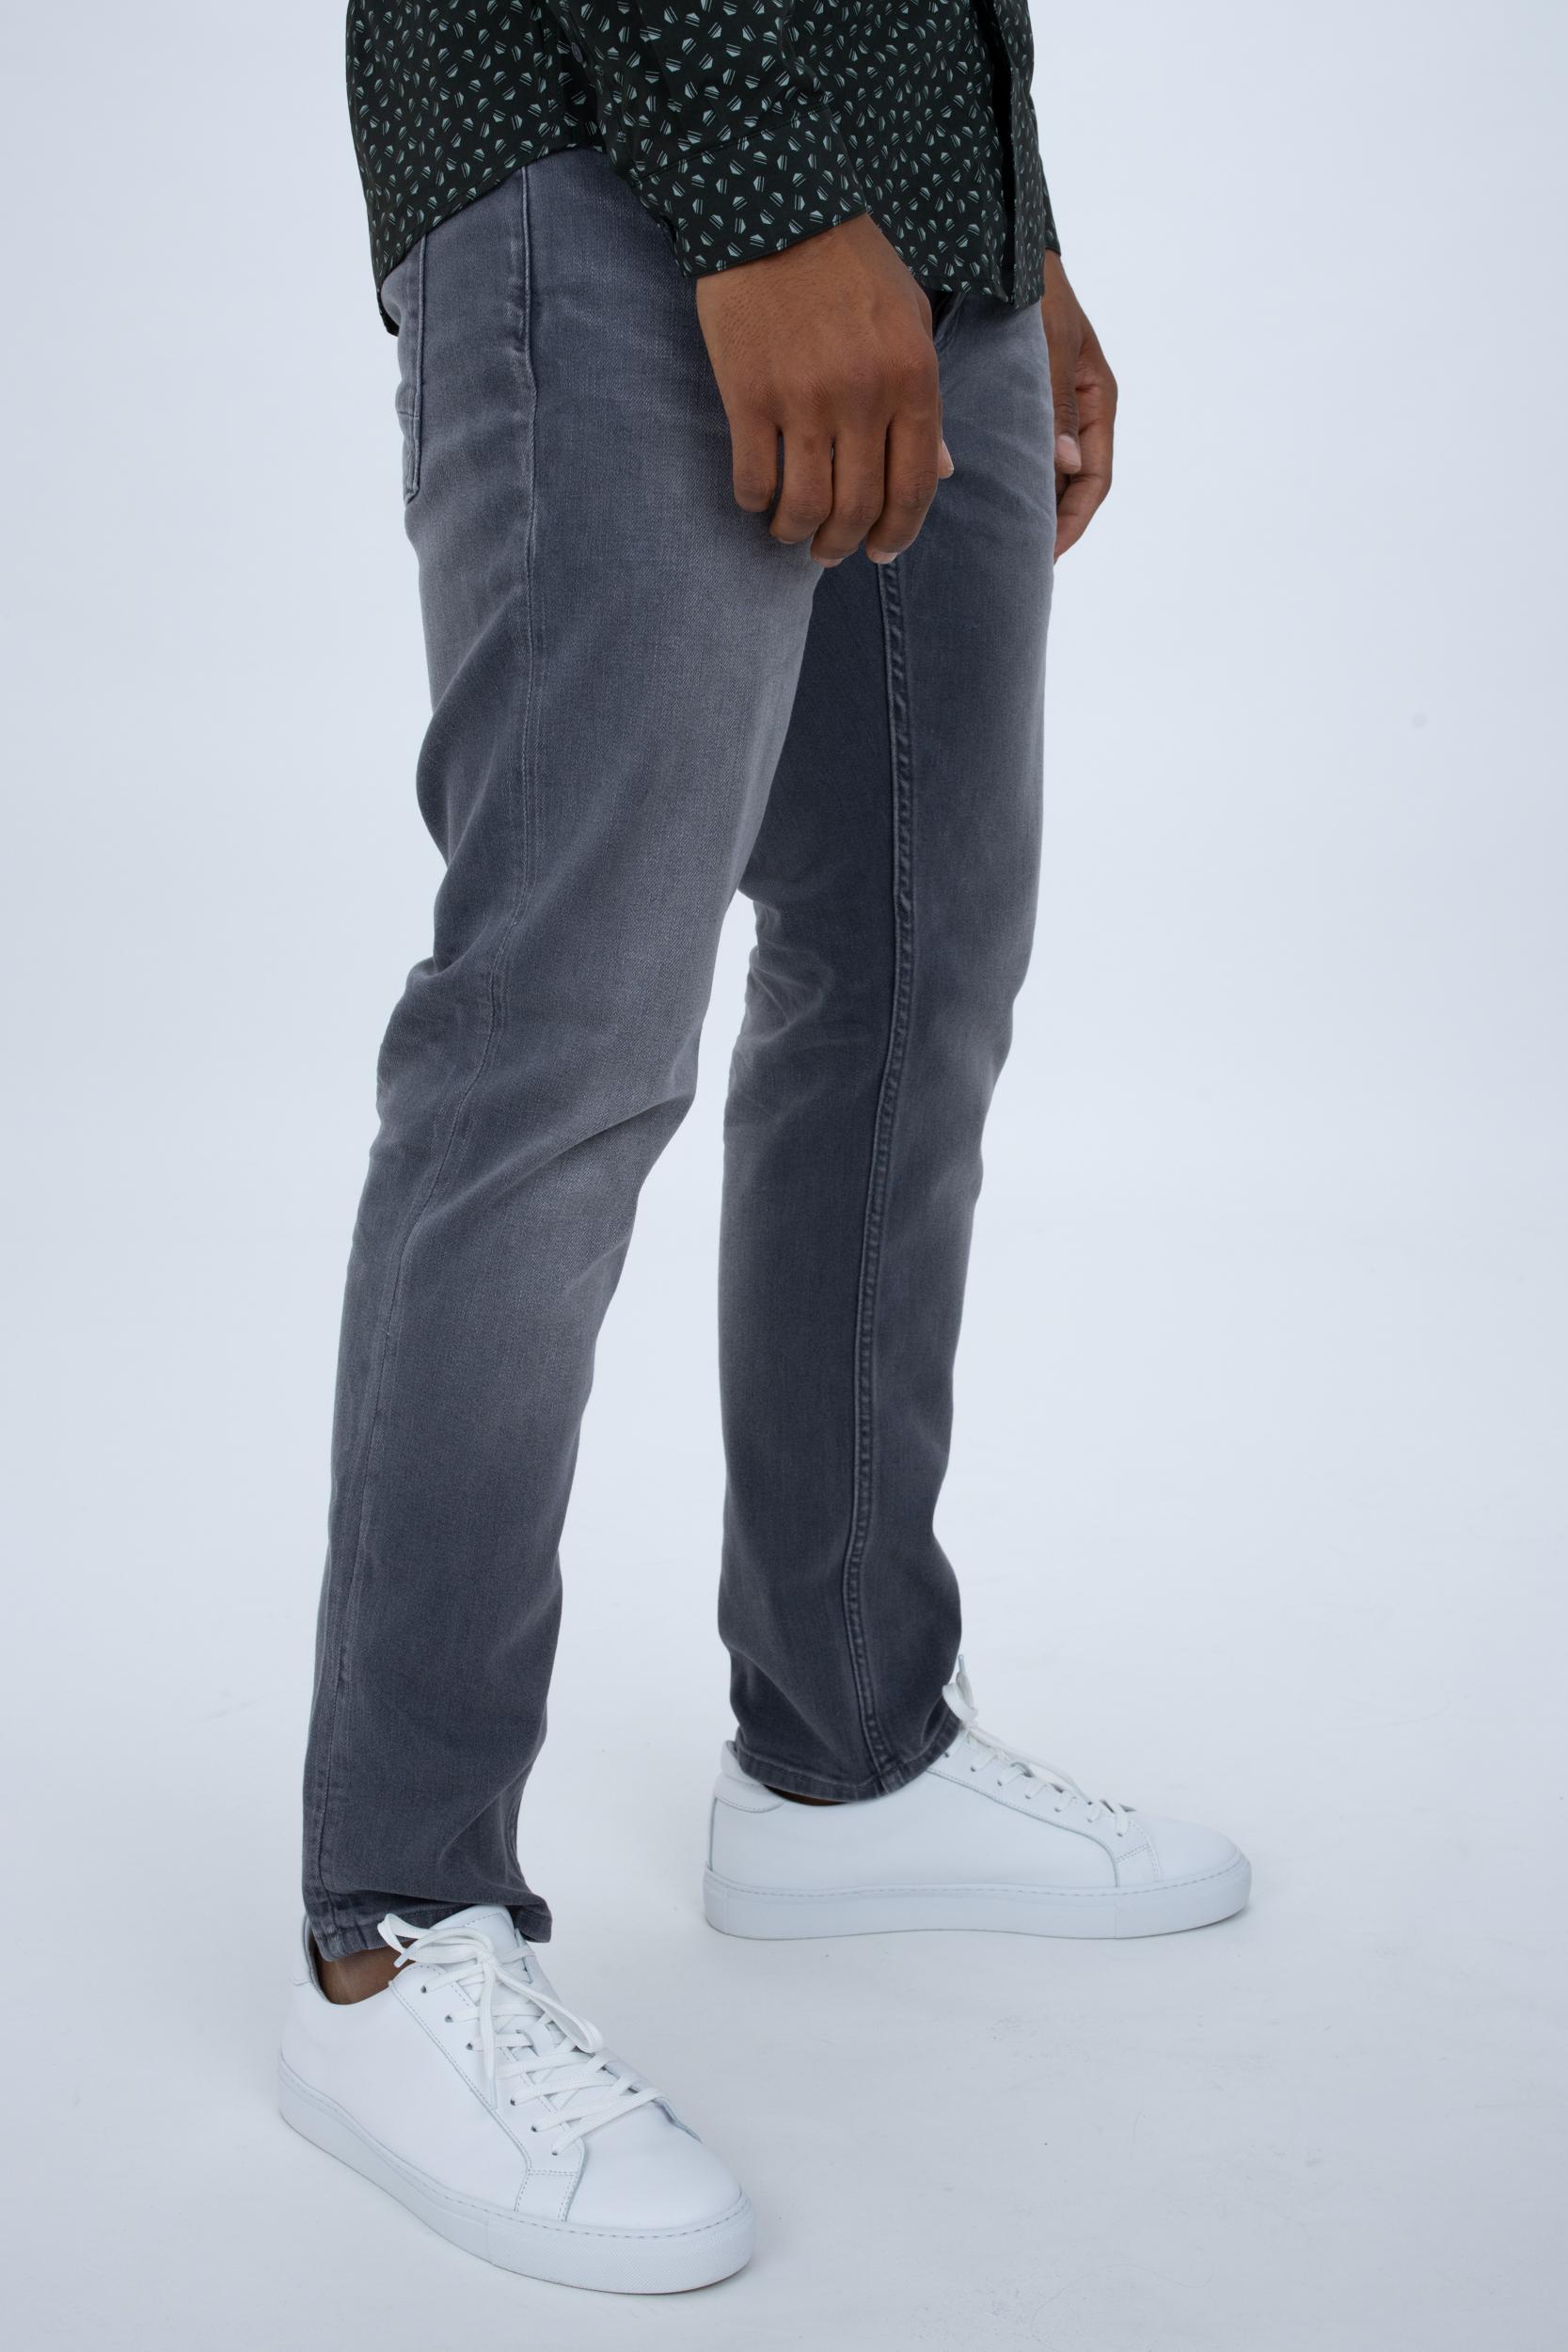 Jeans Razor Aceb